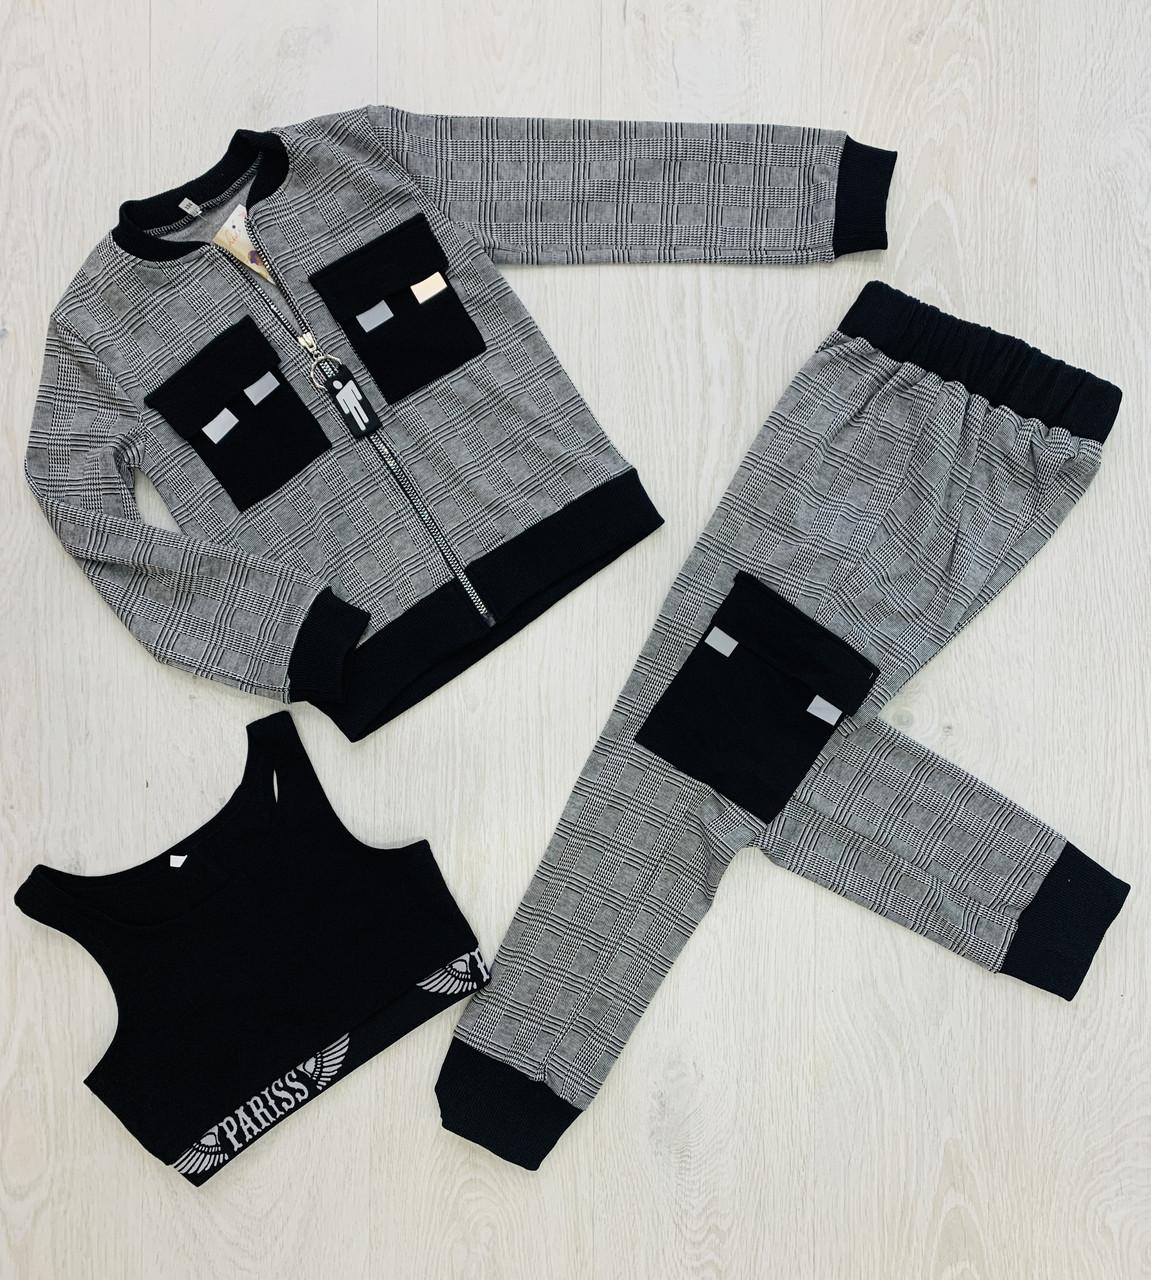 Комплект (кофта, топ и брюки) для девочки, Польша, Kristy style, арт. 8098, 134